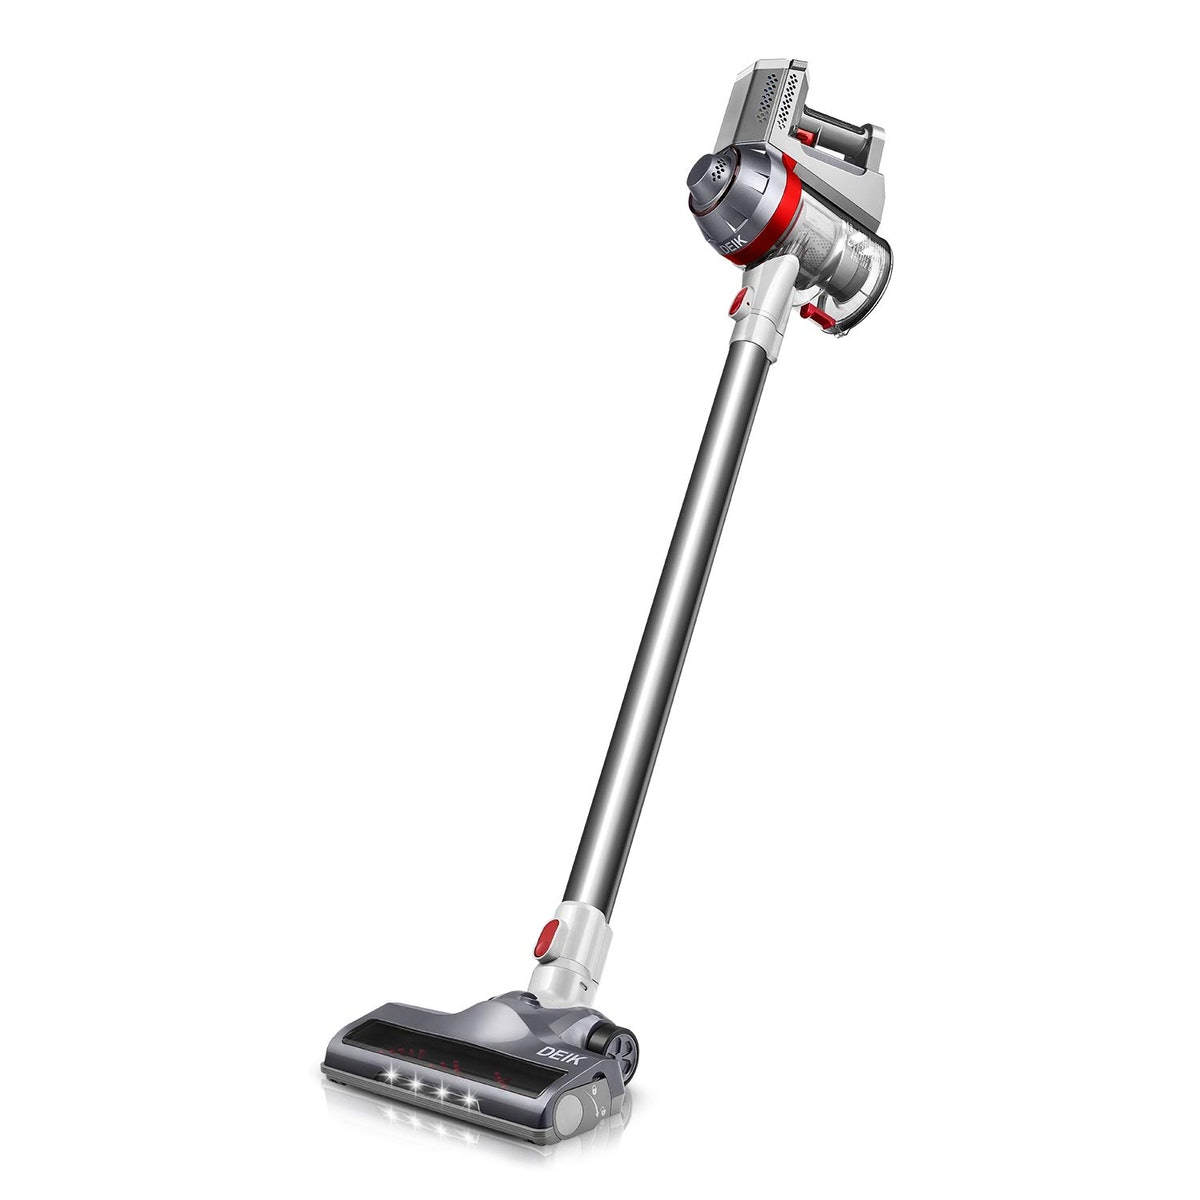 Deik Cordless Vacuum